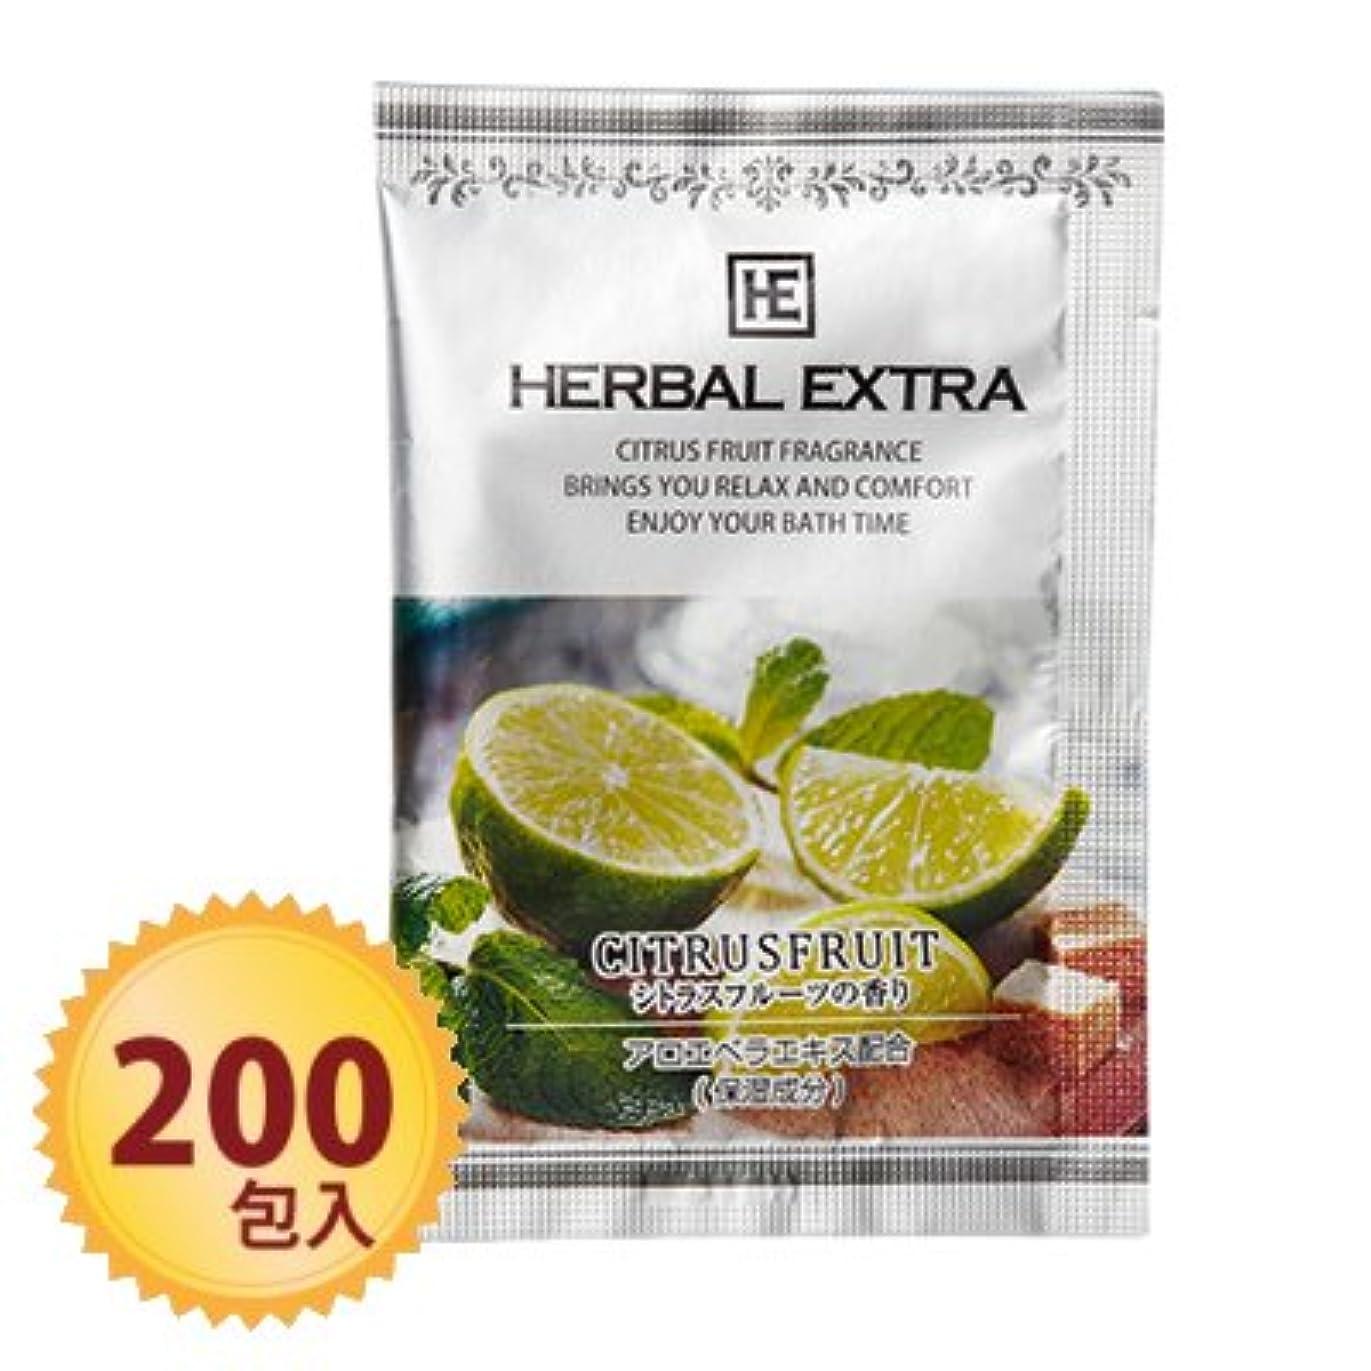 冒険サリーグループハーバルエクストラBS シトラスフルーツの香り 20g×200個